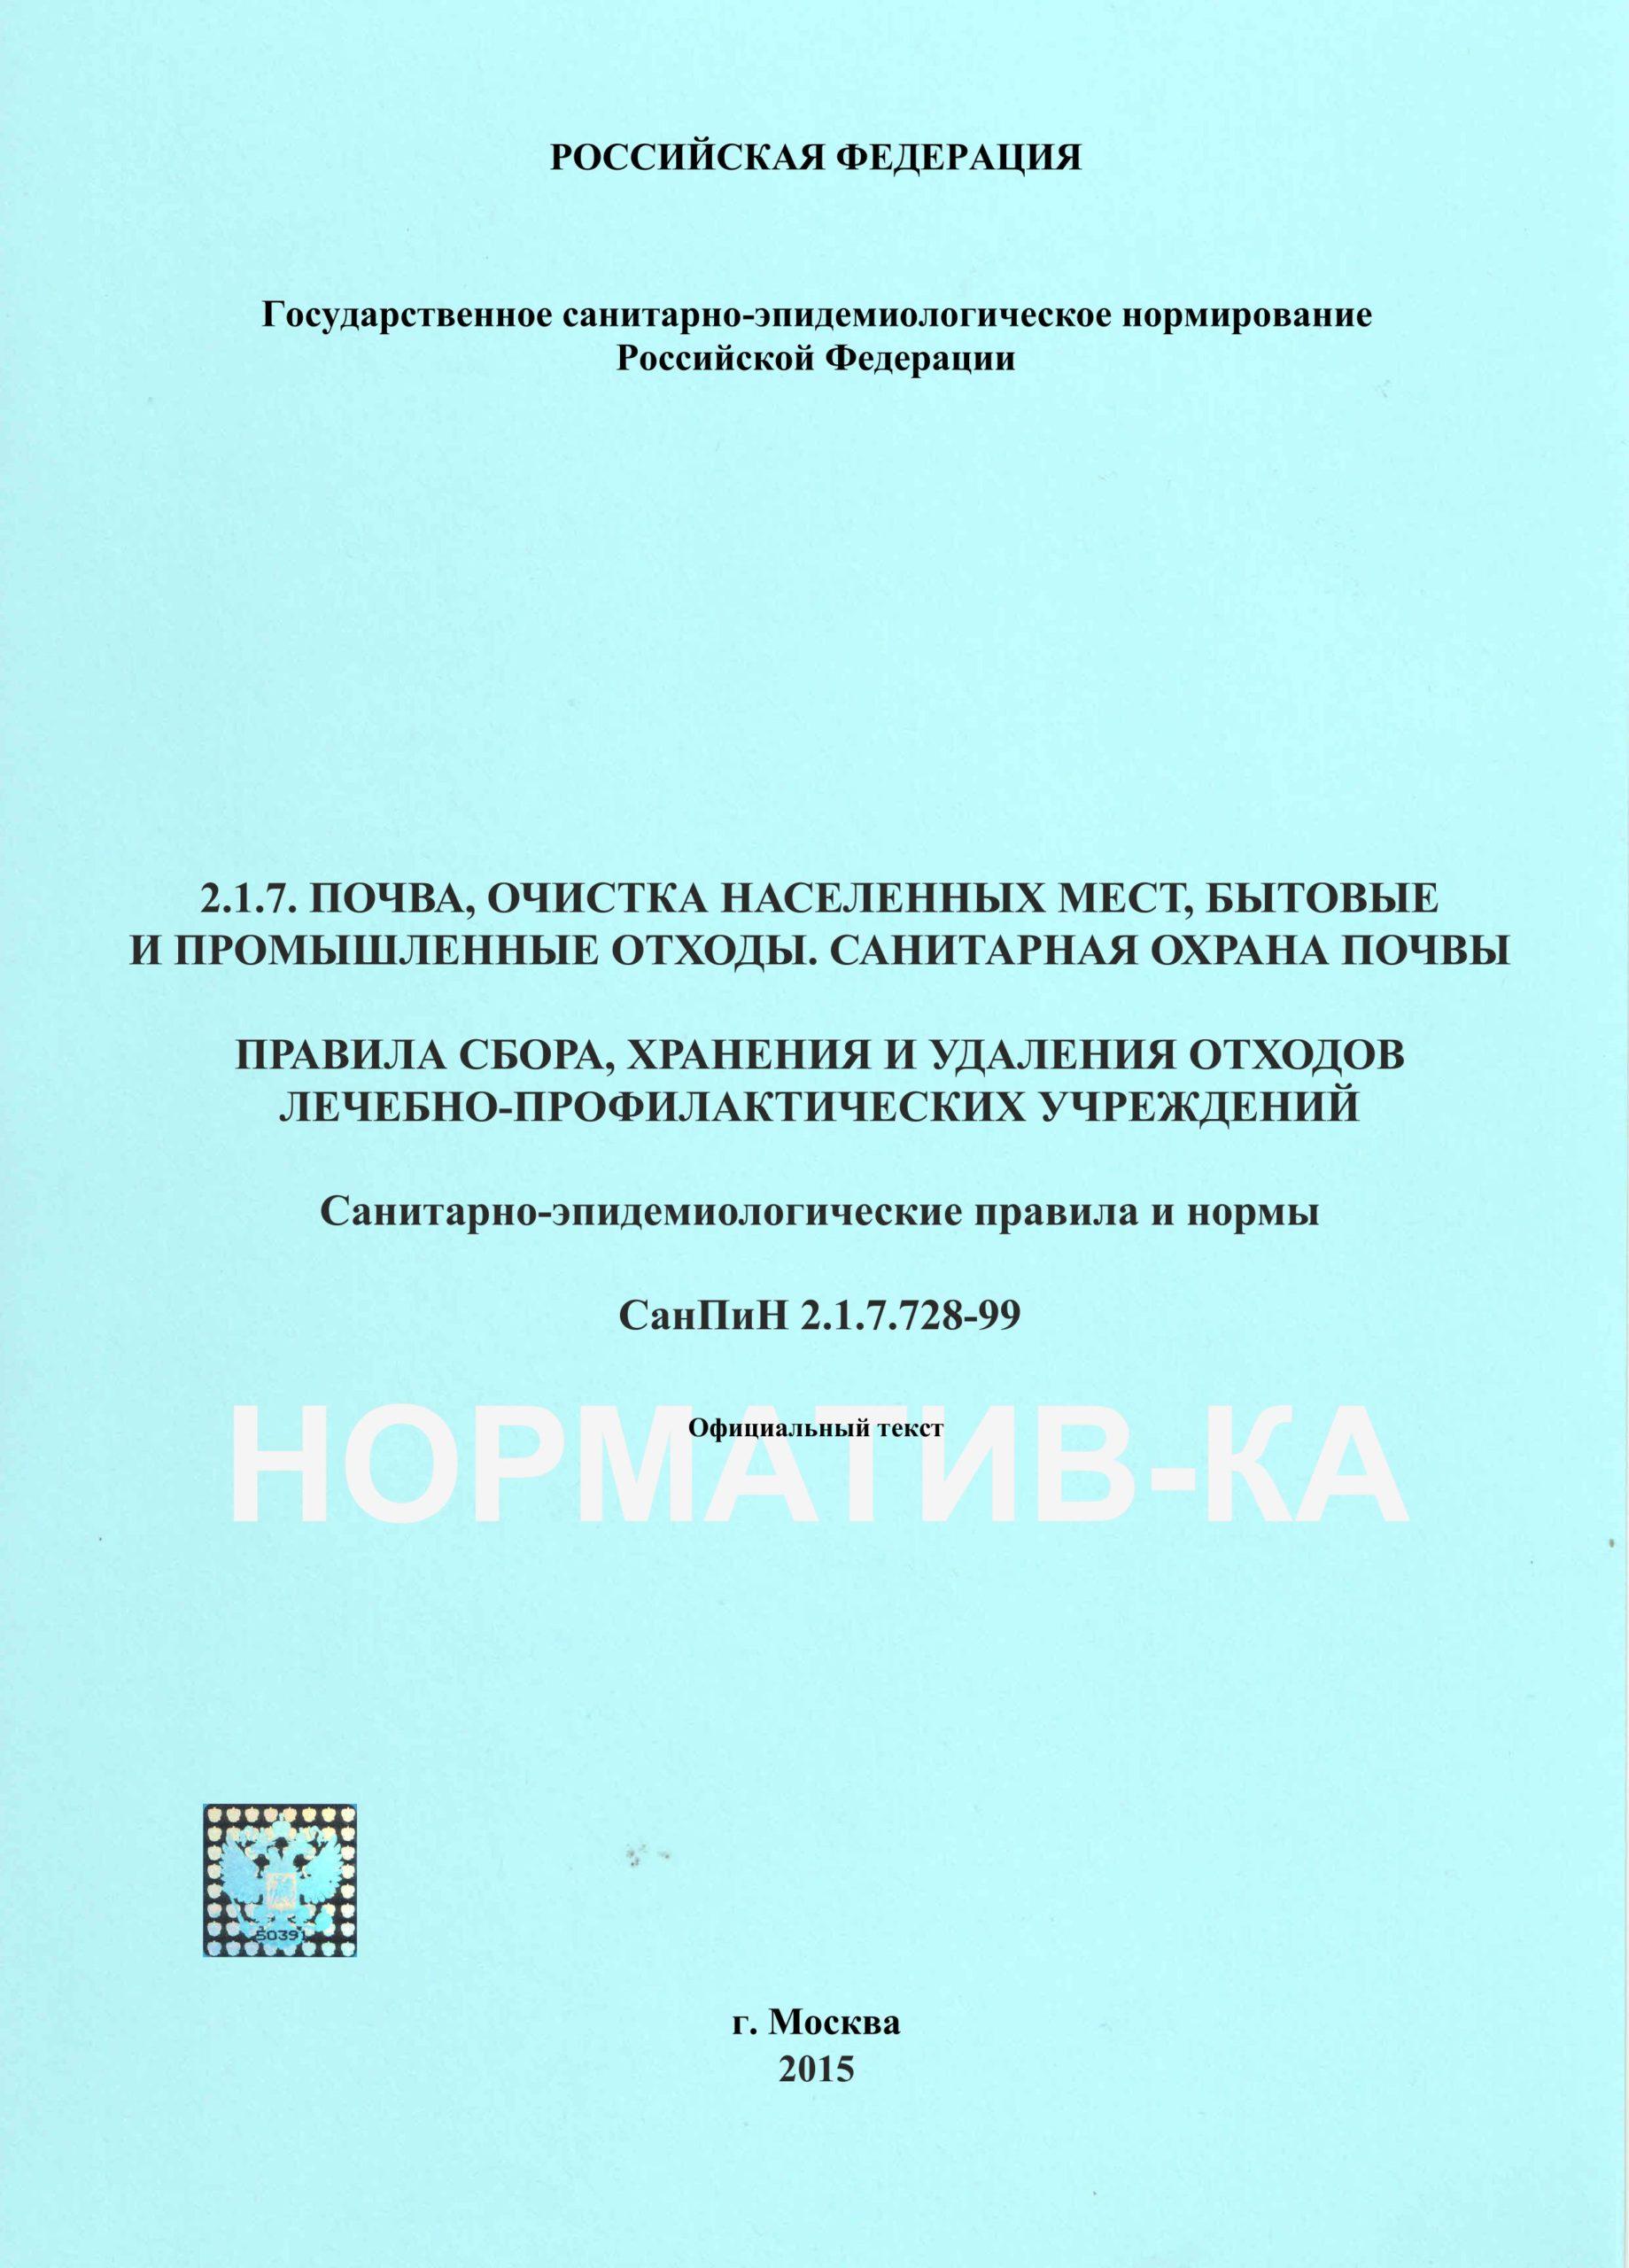 СанПиН 2.1.7.728-99